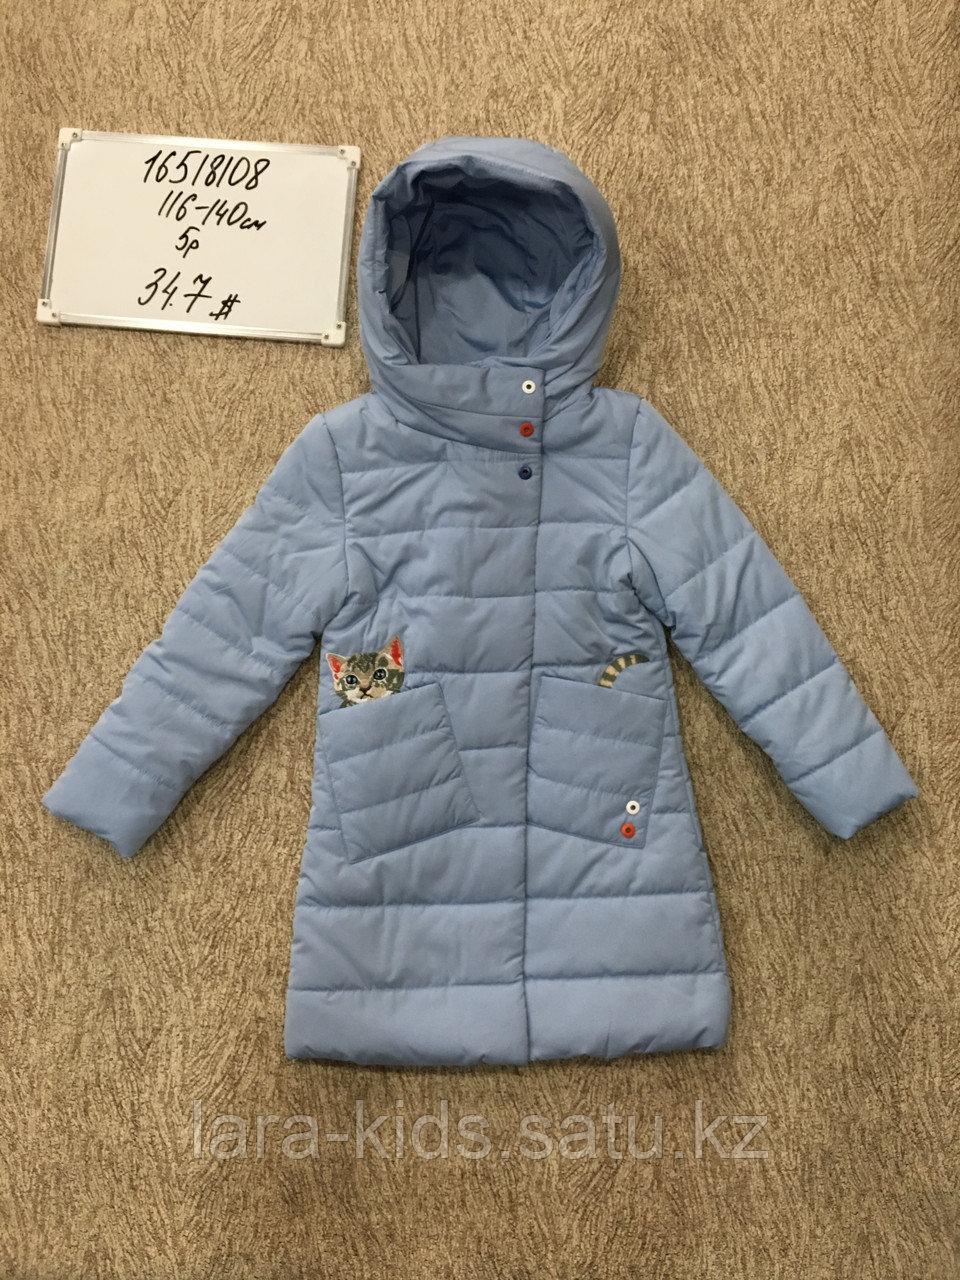 Парки,Ветровки и куртки для девочек.